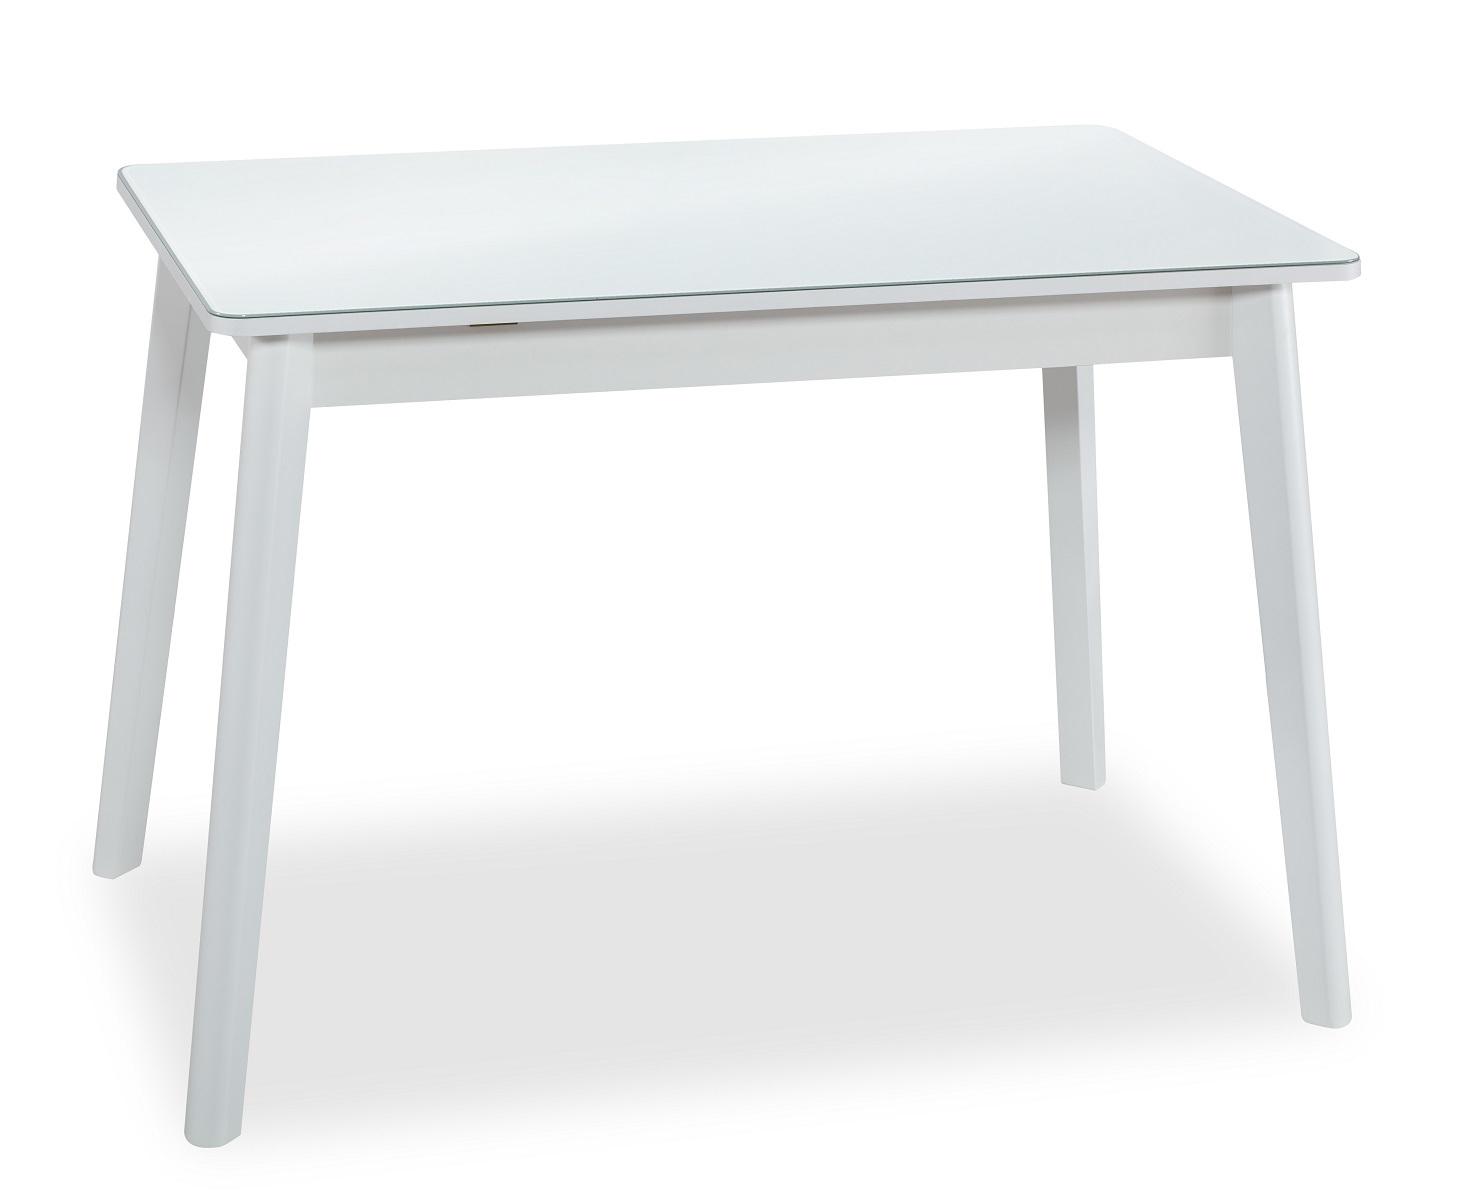 Стол Bosco 110 (155) - вид 1